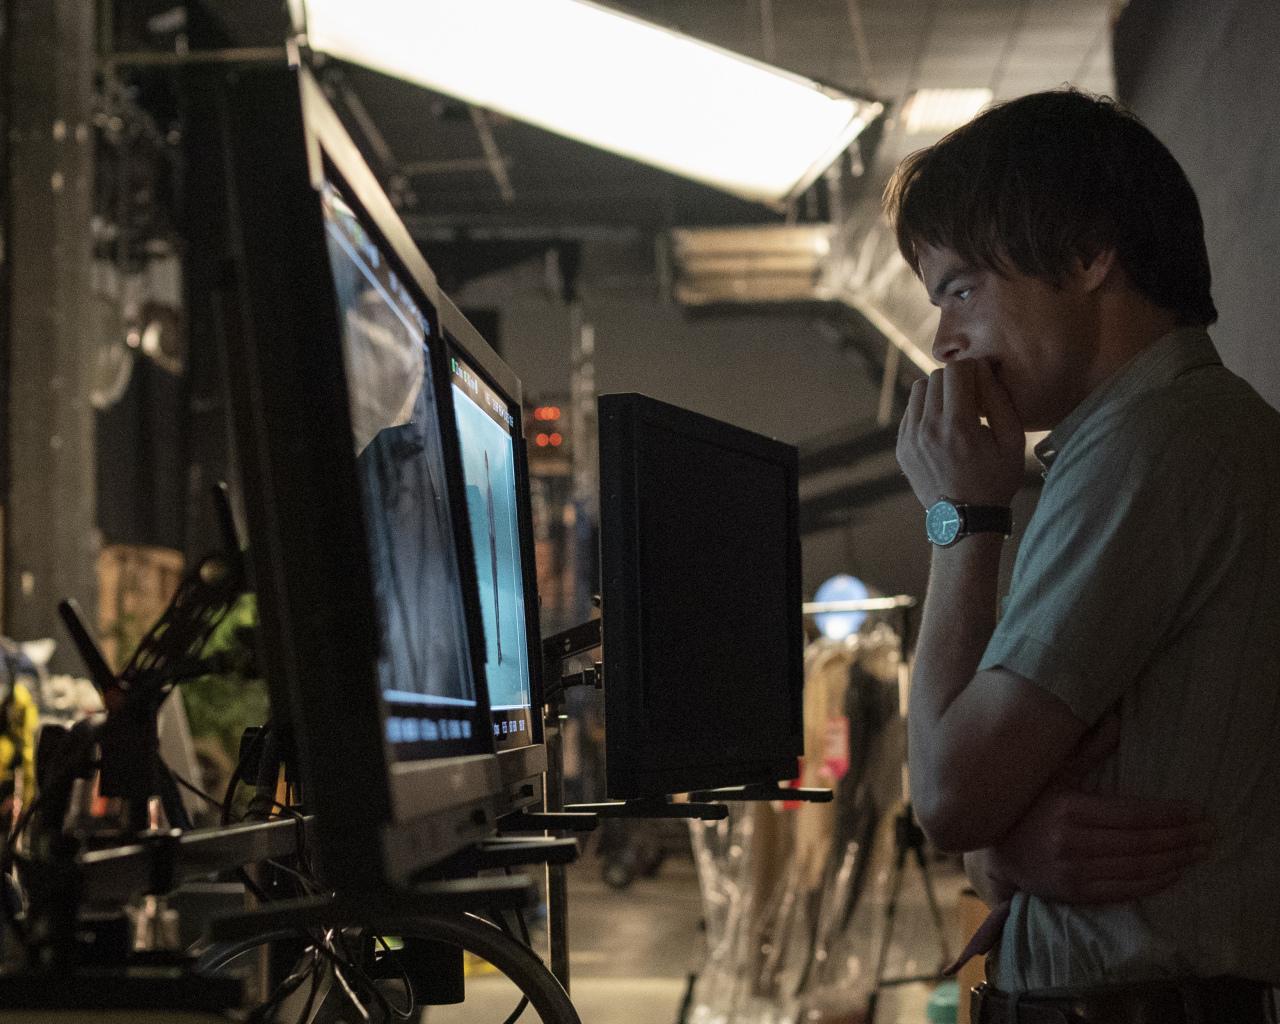 Stranger Things 3 - Behind the Scenes - Charlie Heaton